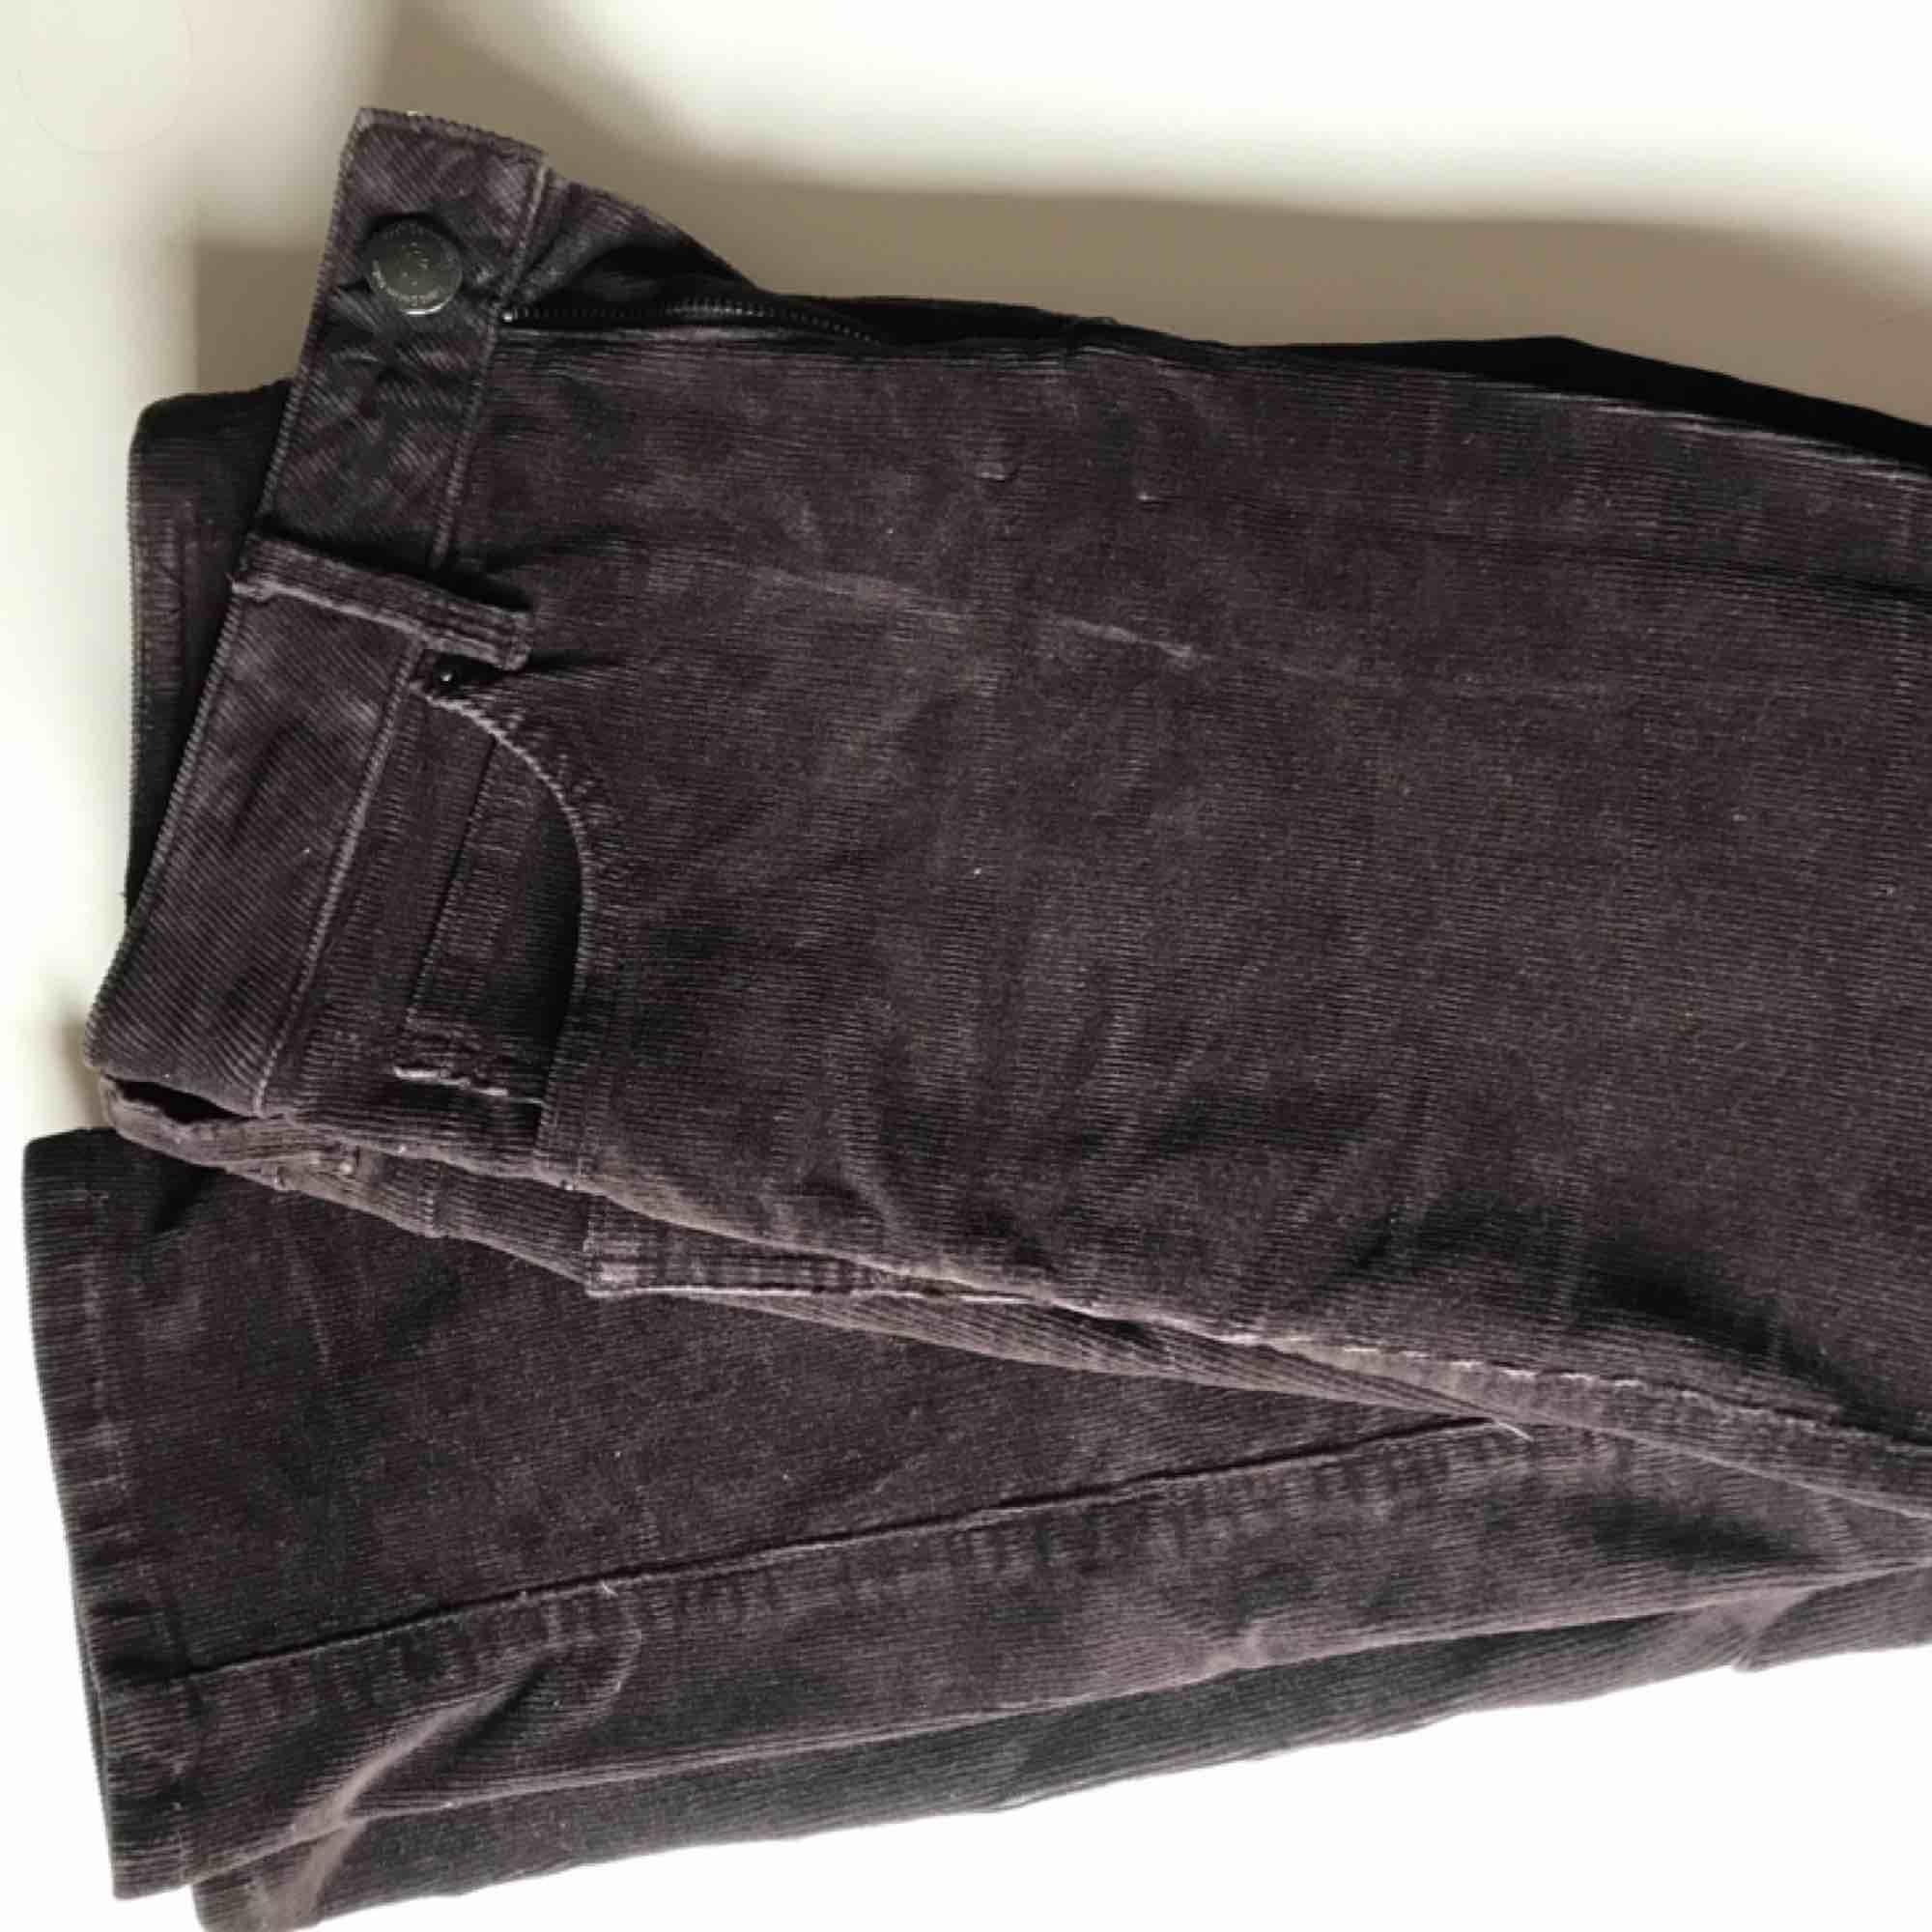 Vintage Manchester-byxor i väldigt mörk brun färg! Uppskattad storlek är S med rak passform, jag är 160 och de slutar vid fotknölen. Säljes pågrund av storlek. Kan mötas upp i Stockholm annars står du för frakt.. Jeans & Byxor.